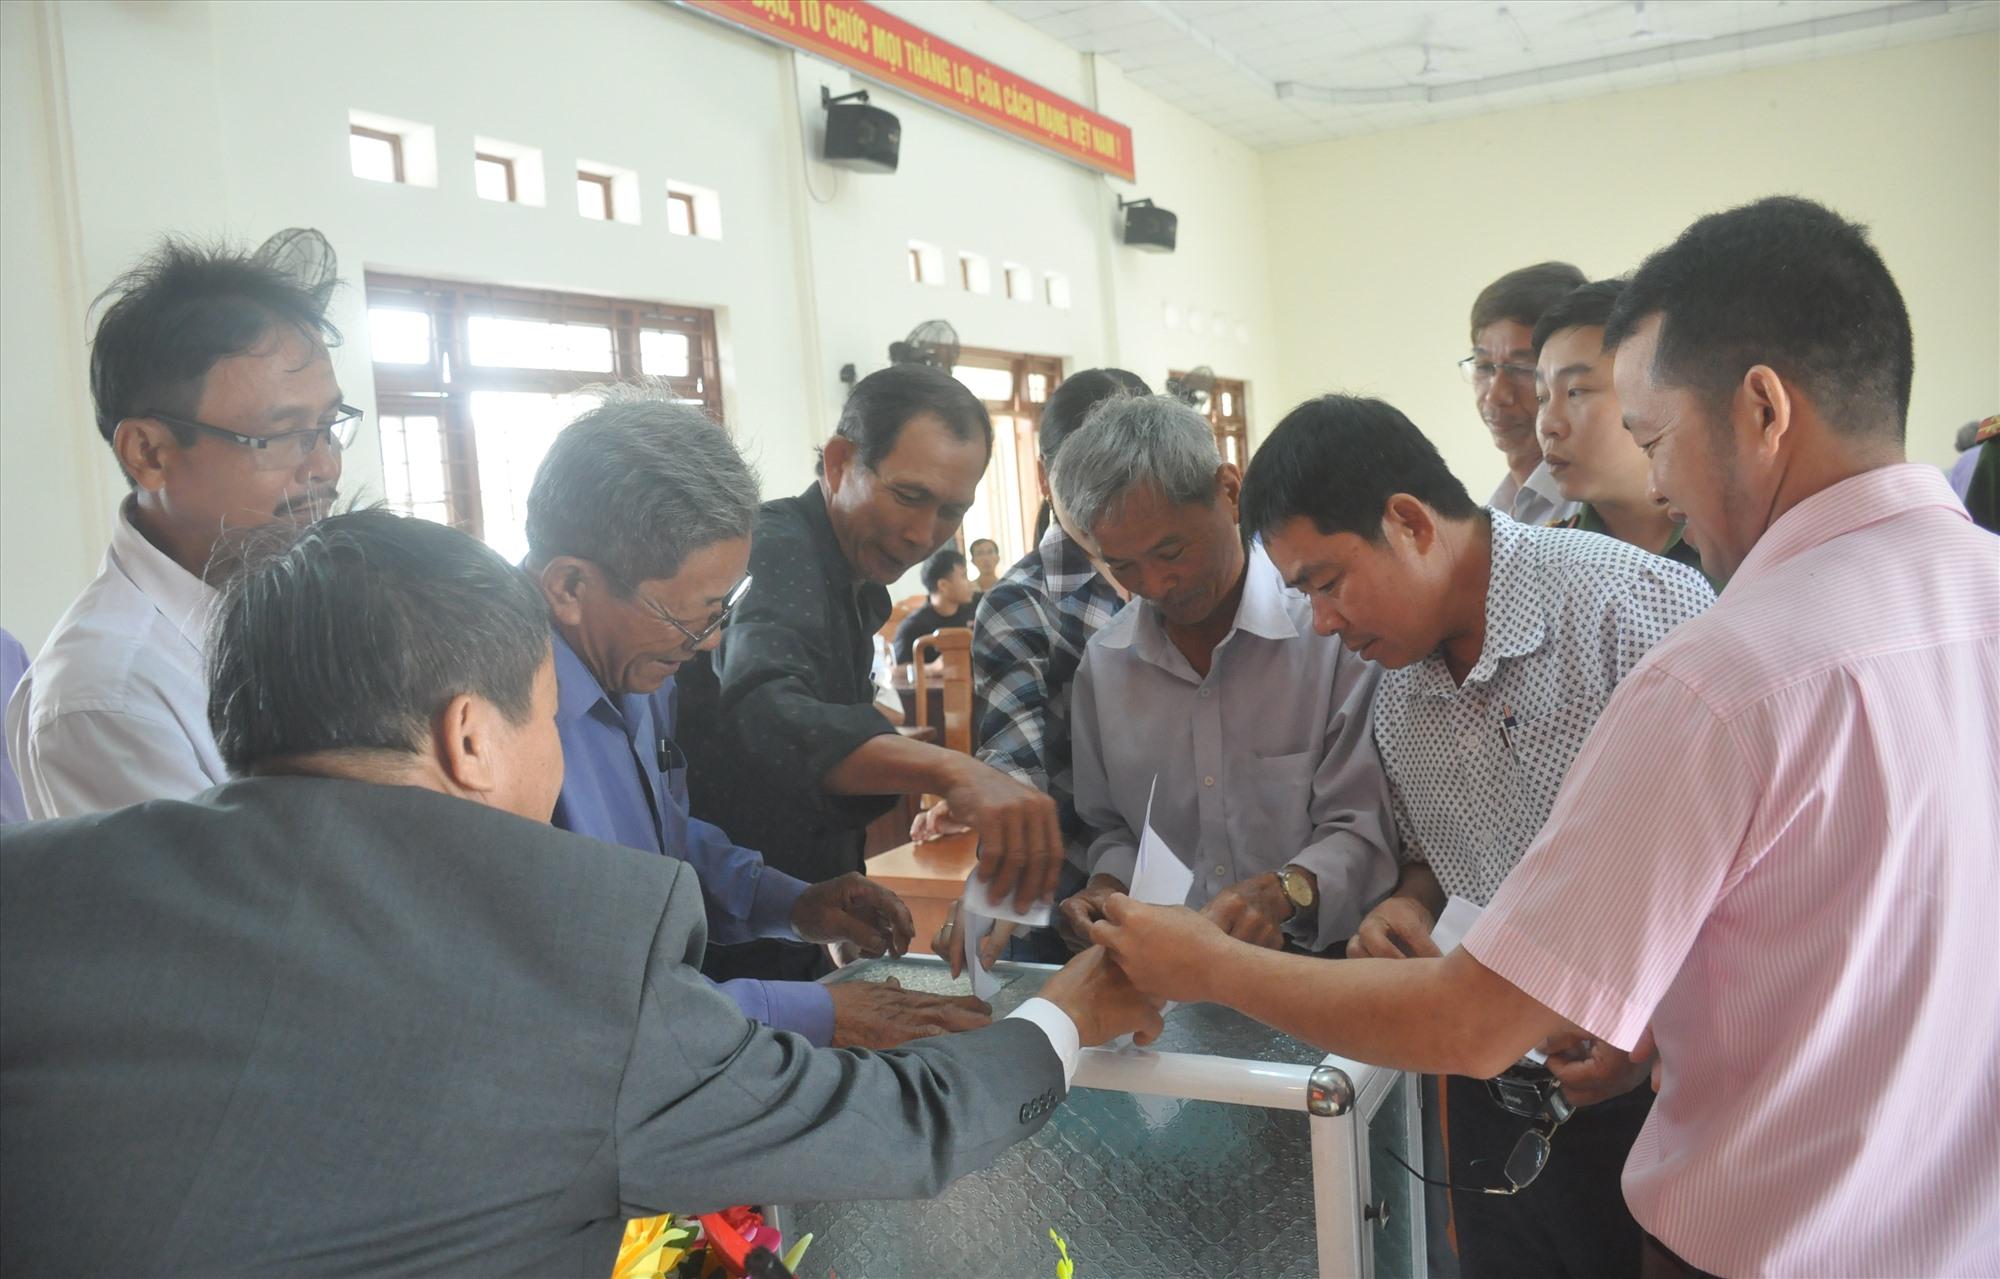 cử tri thôn Bình Quang bỏ phiếu tín nhiệm đối với người ứng cử ĐBQH khóa XV tạo hội nghị sáng nay 29.3. Ảnh: N.Đ